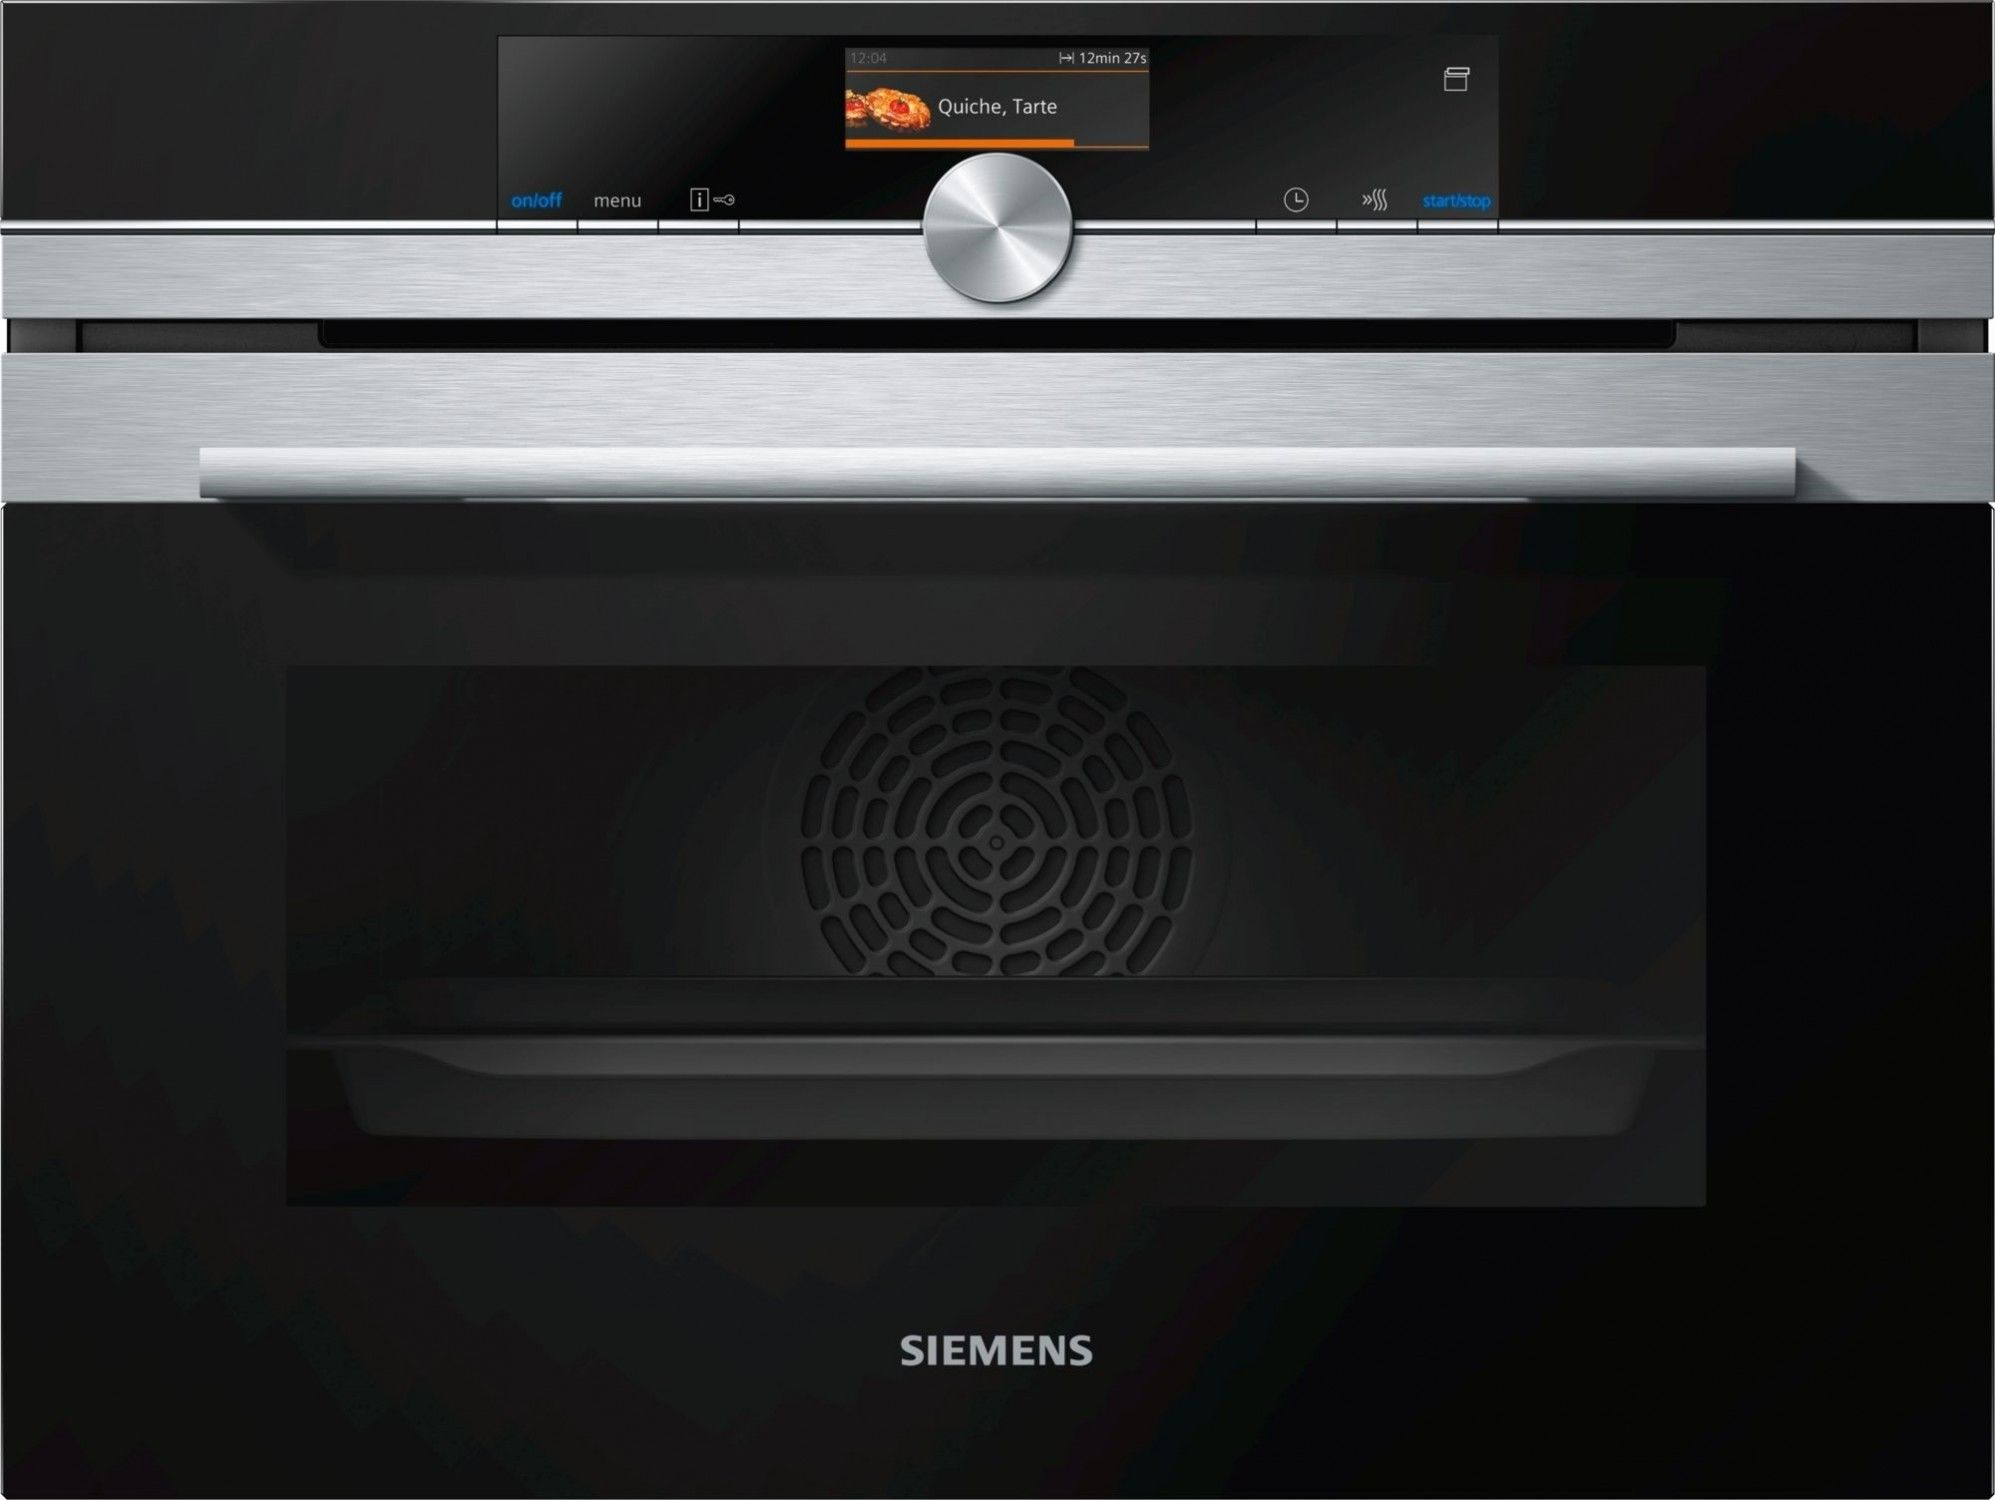 Piekarnik Siemens CS656GBS2 sLine, i 100 zł do wykorzystania na BP lub EMPIK ! I tel. (22) 266 82 20 I Raty 0 % I kto pyta płaci mniej I Płatności onl